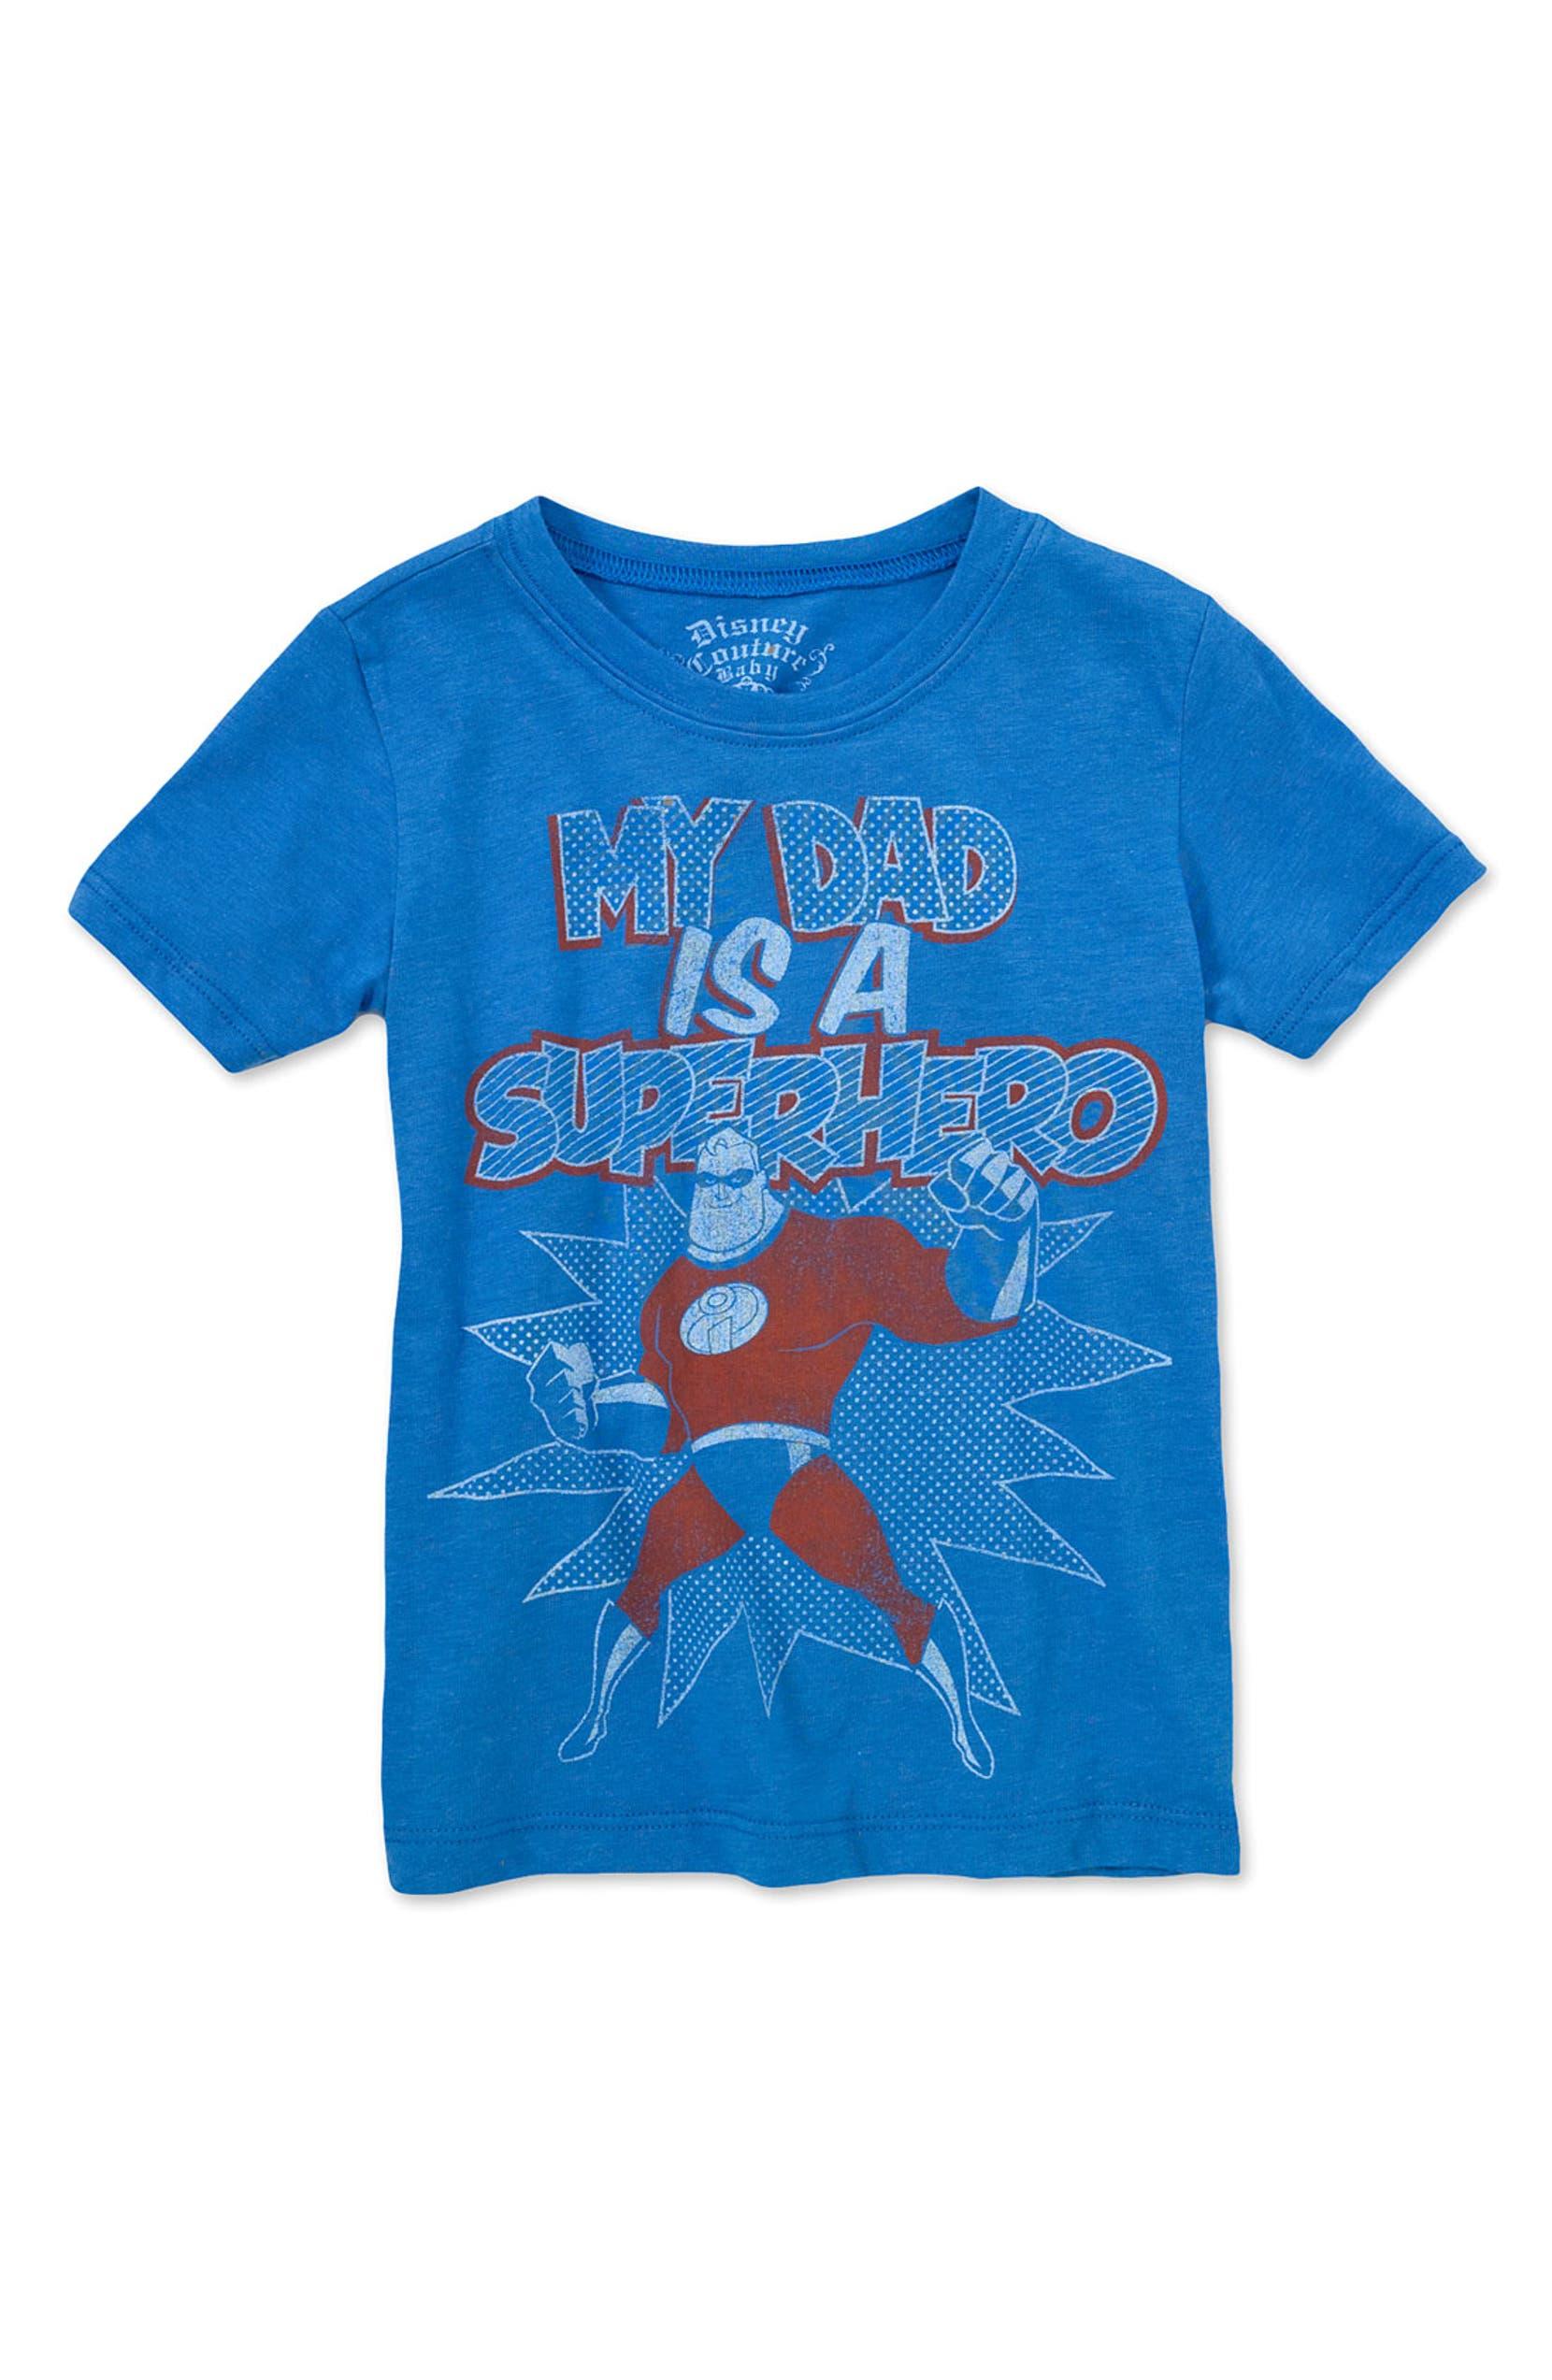 Guess Kinder T Shirts von Top Marken ? große Auswahl